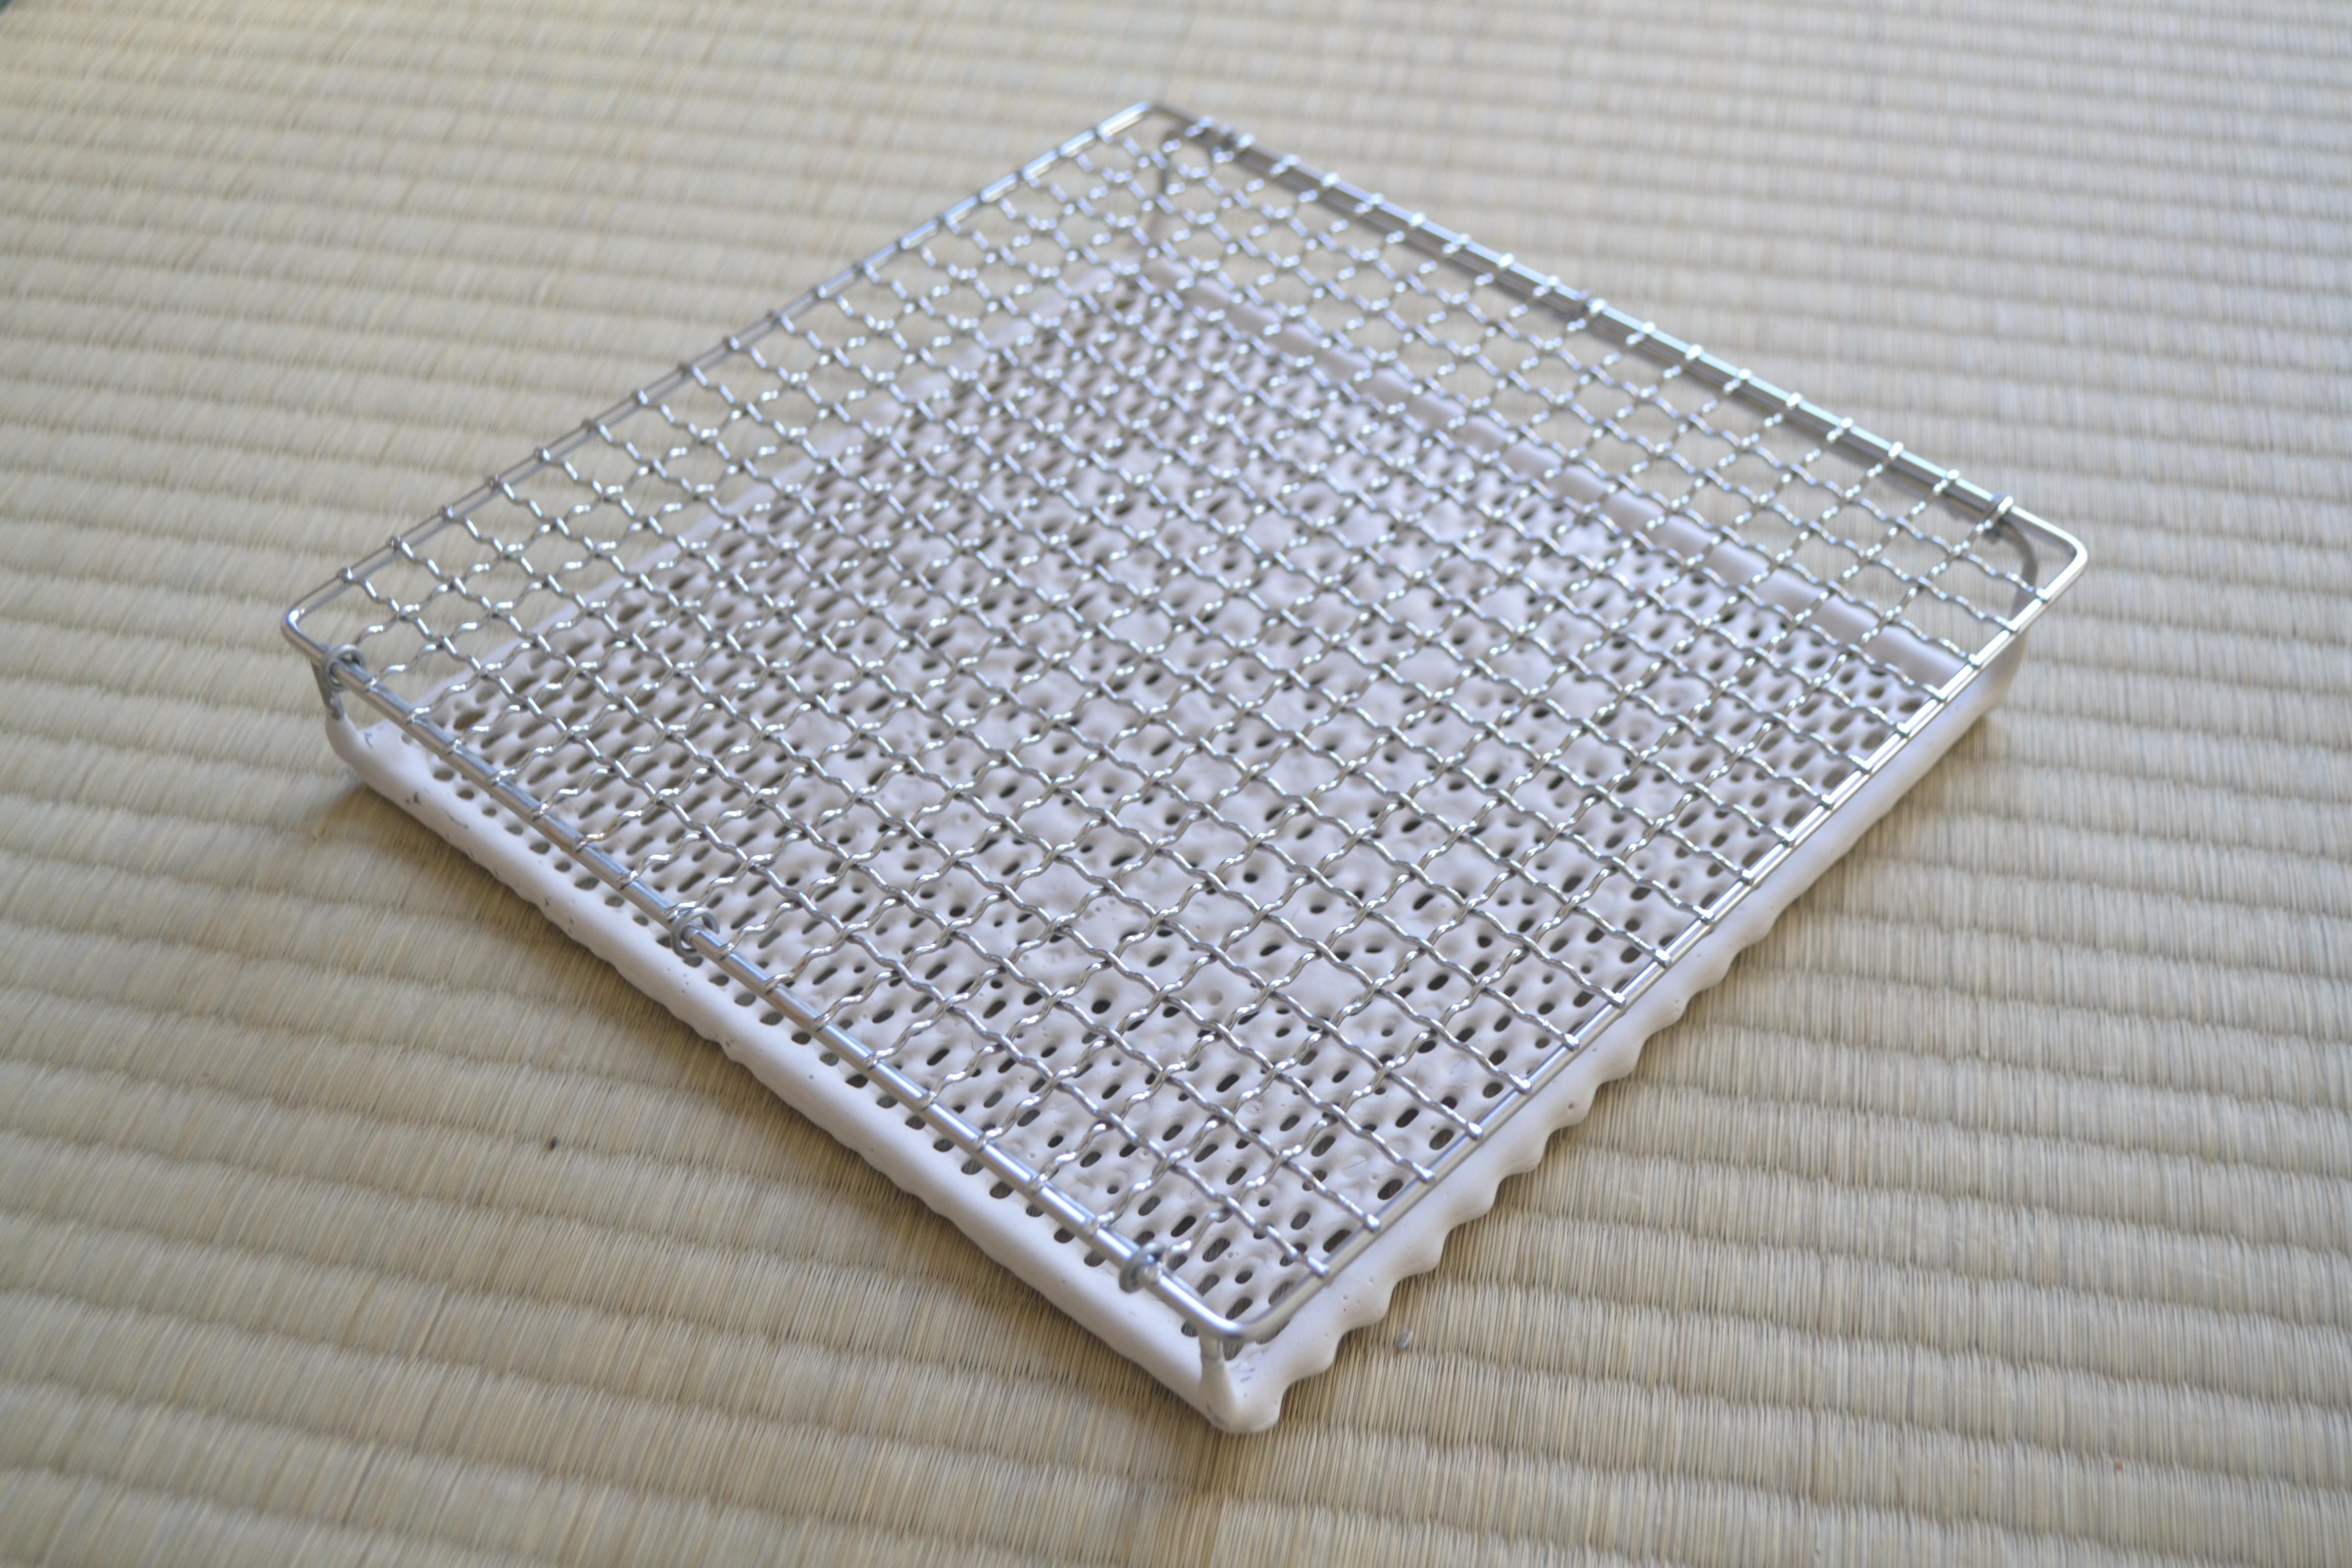 焼き網は丸十金網の「セラミック焼き網」がおすすめ♪